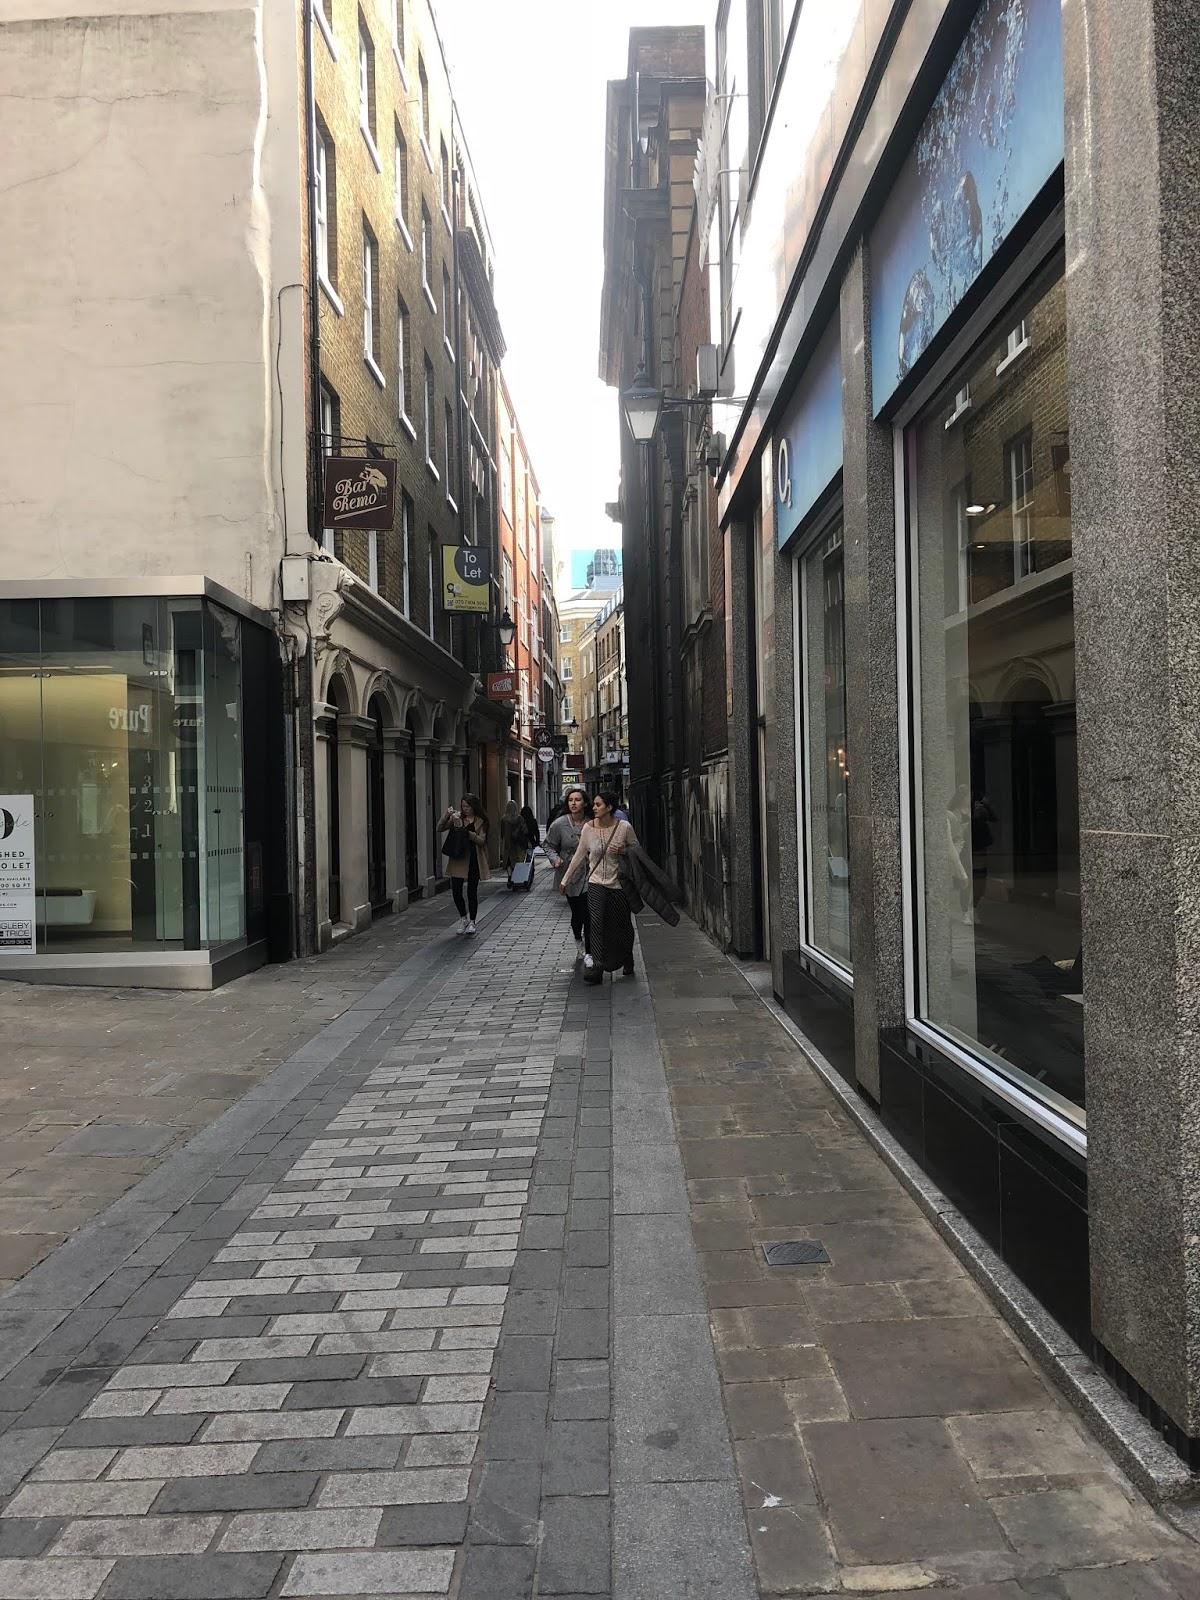 London side street